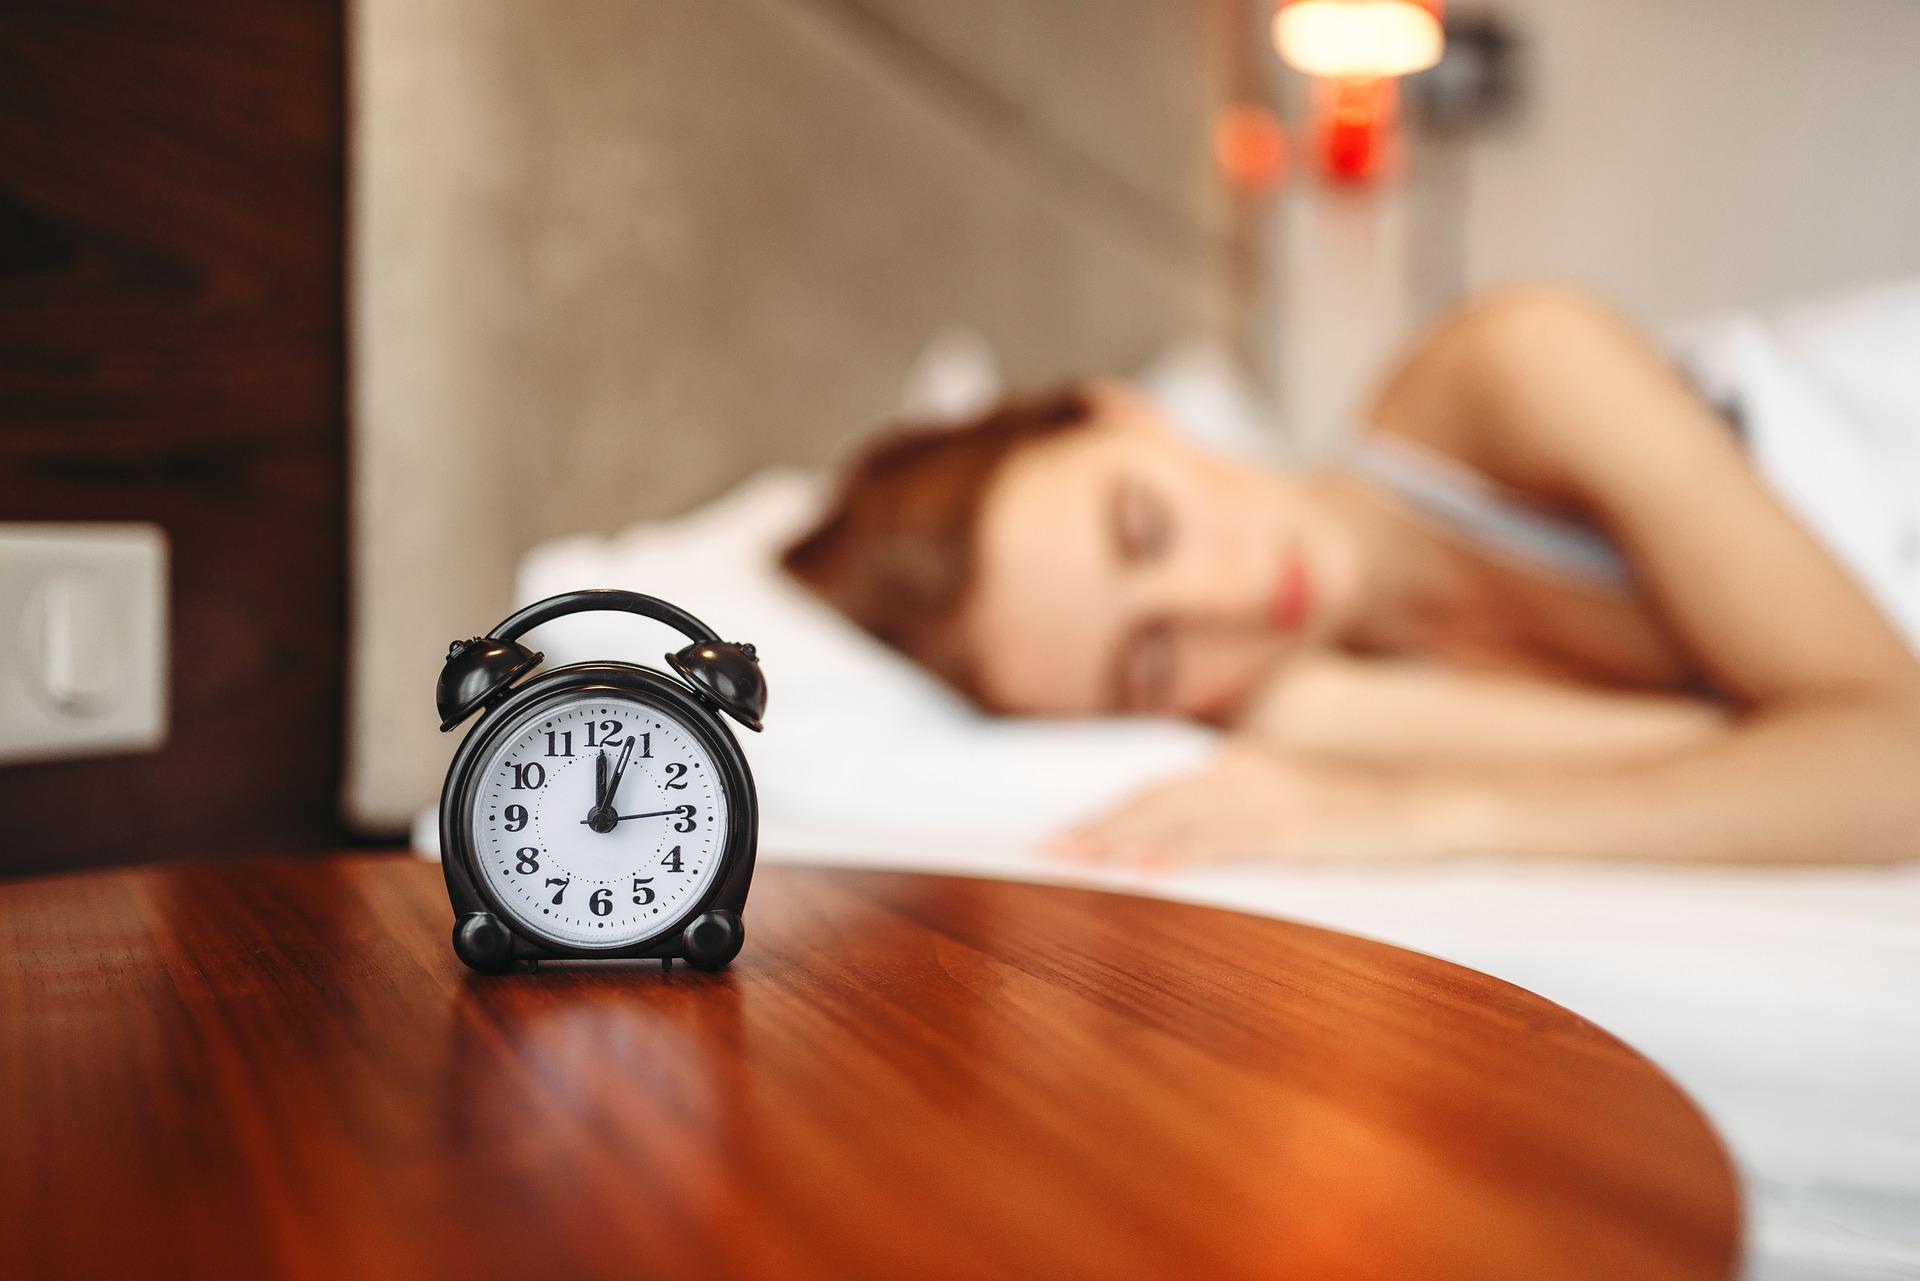 Гарвард: Плохой сон приводит к деменции и ранней смерти